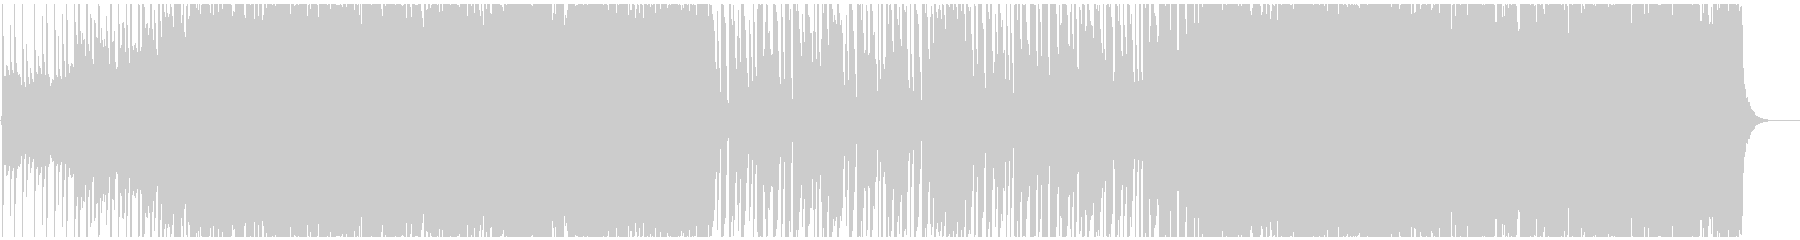 明るく元気なシンセとギターポップの未再生の波形